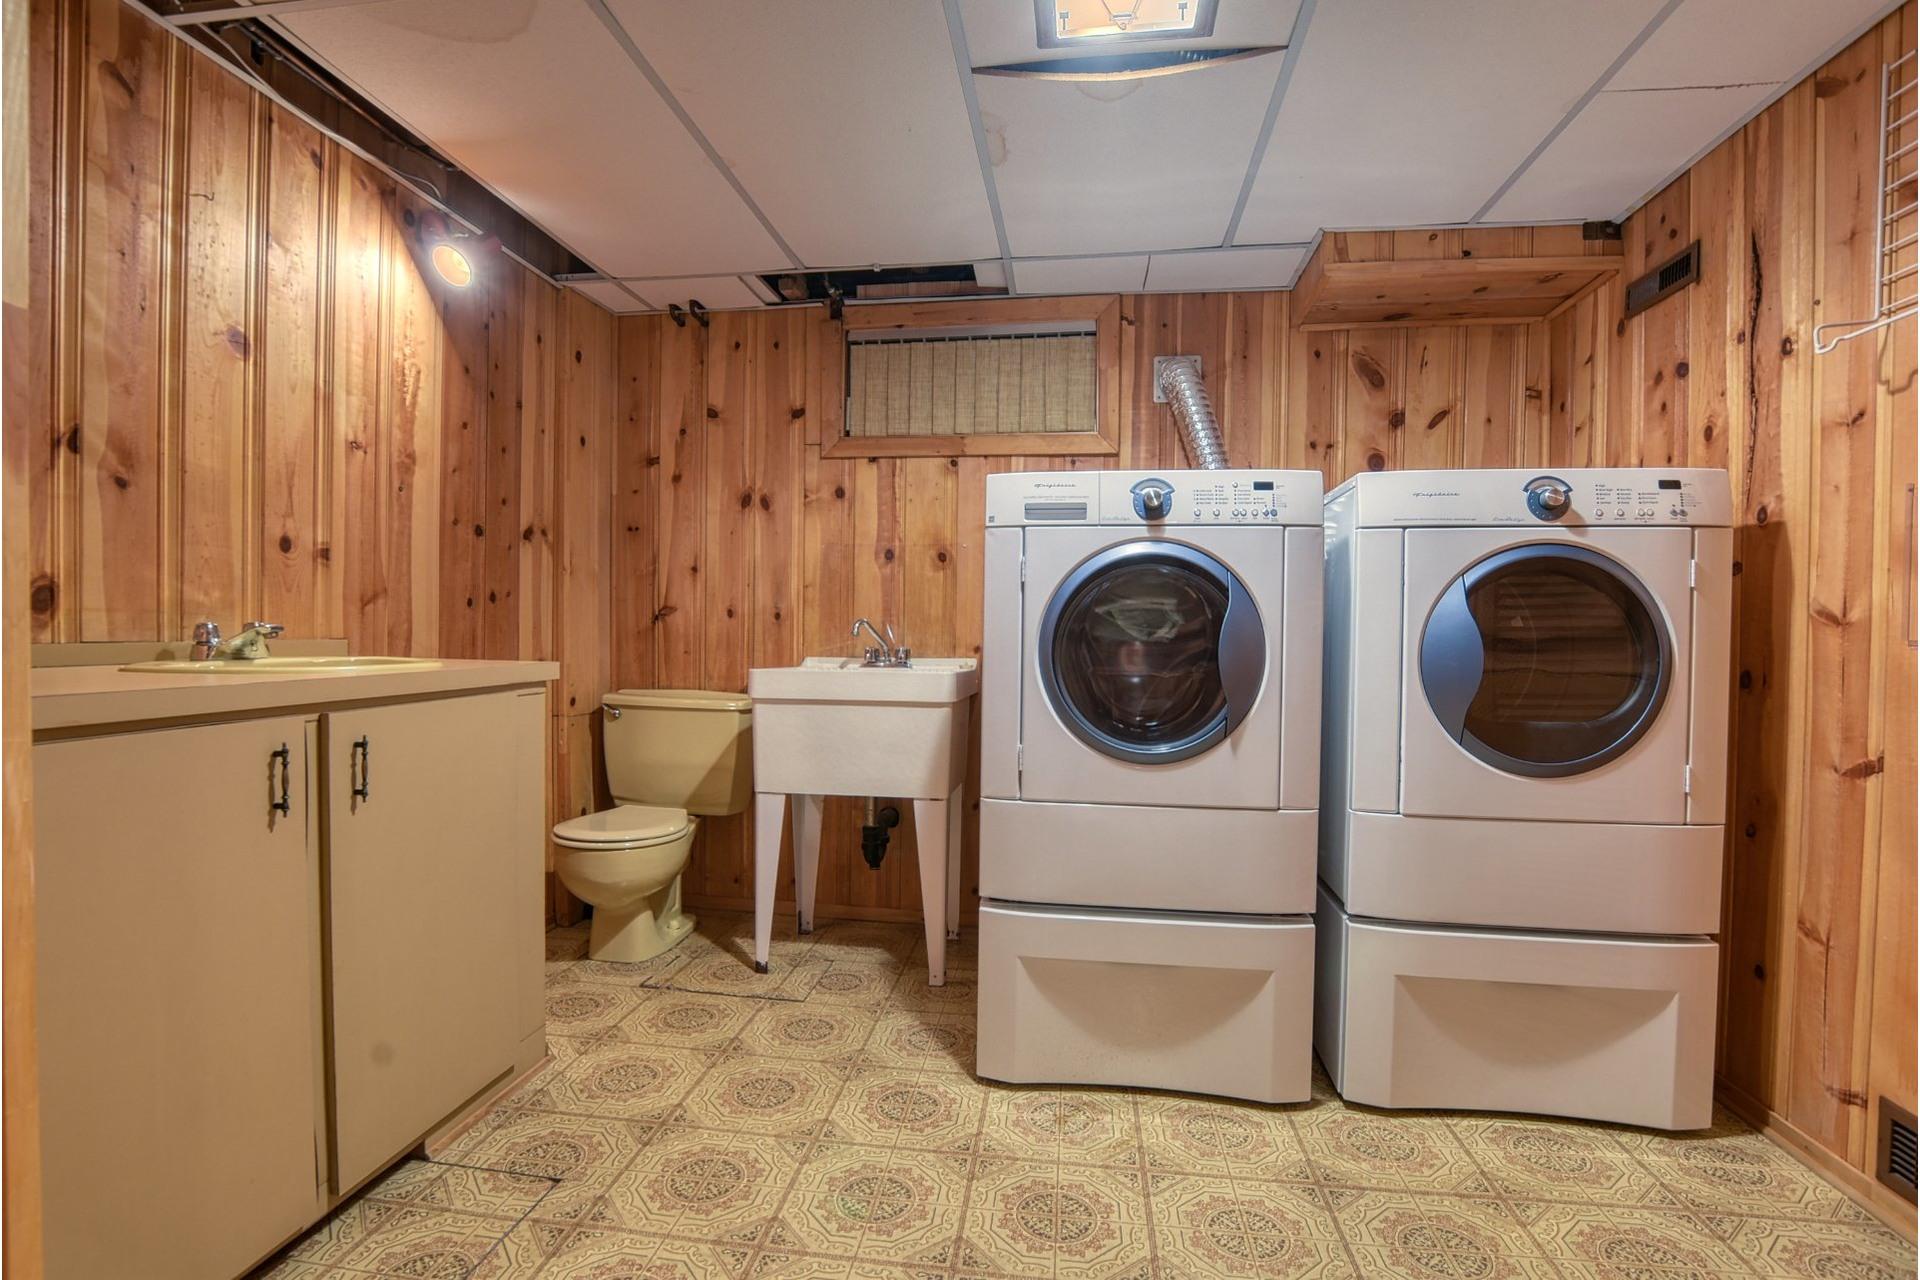 image 21 - House For sale Saint-Laurent Montréal  - 7 rooms